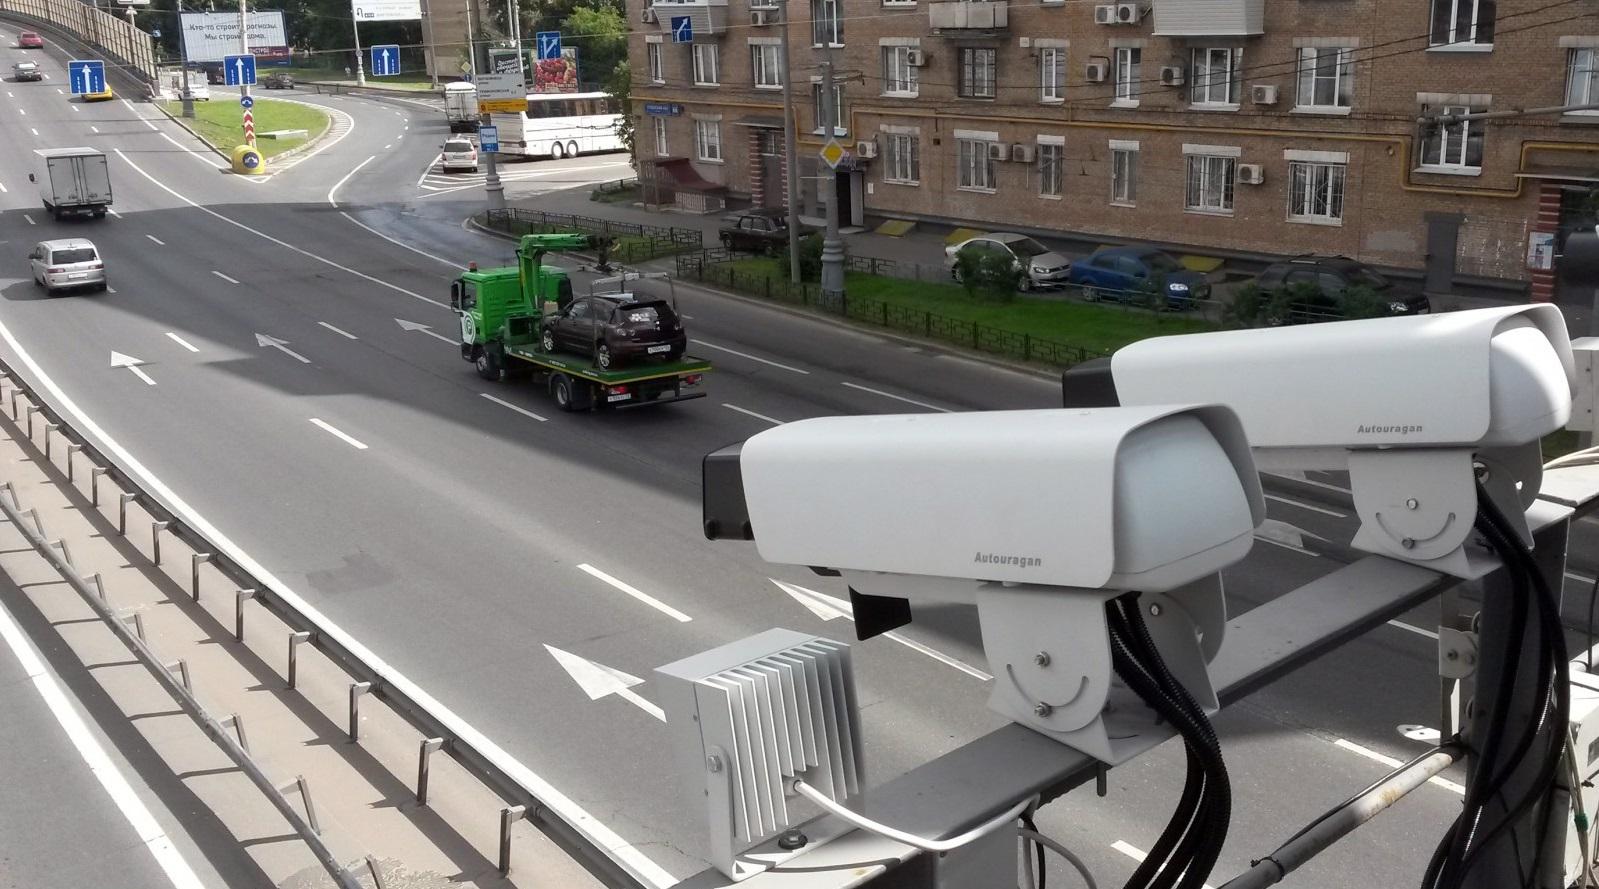 Водителей будут штрафовать по видеофиксации нарушений очевидцами